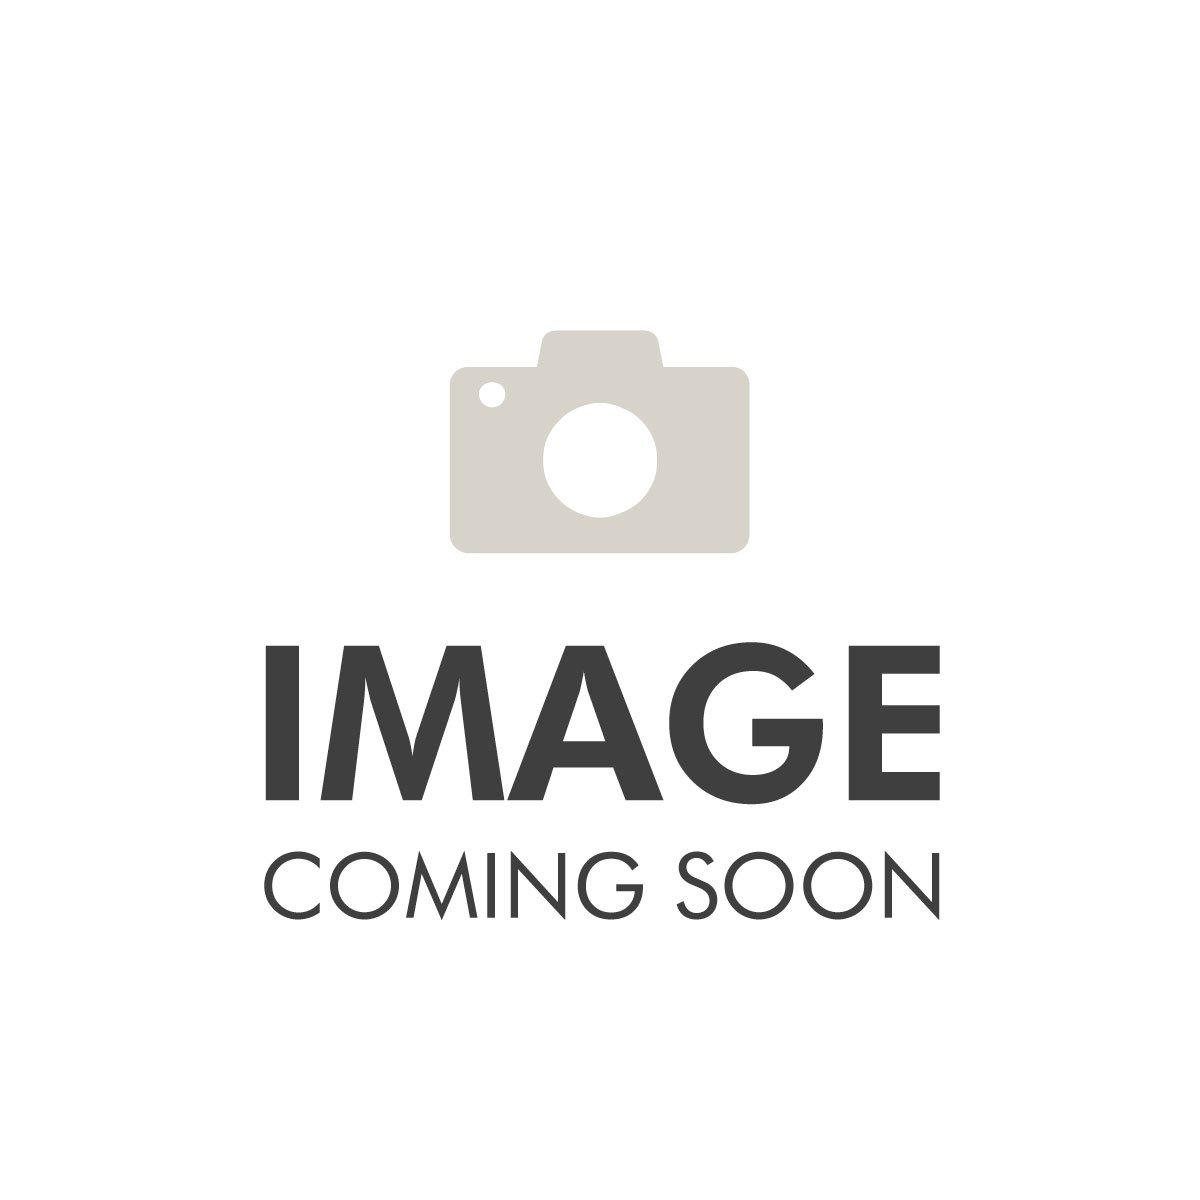 L'Oreal Color Riche Vernis A L'Huile 670 Cobalt Indecent